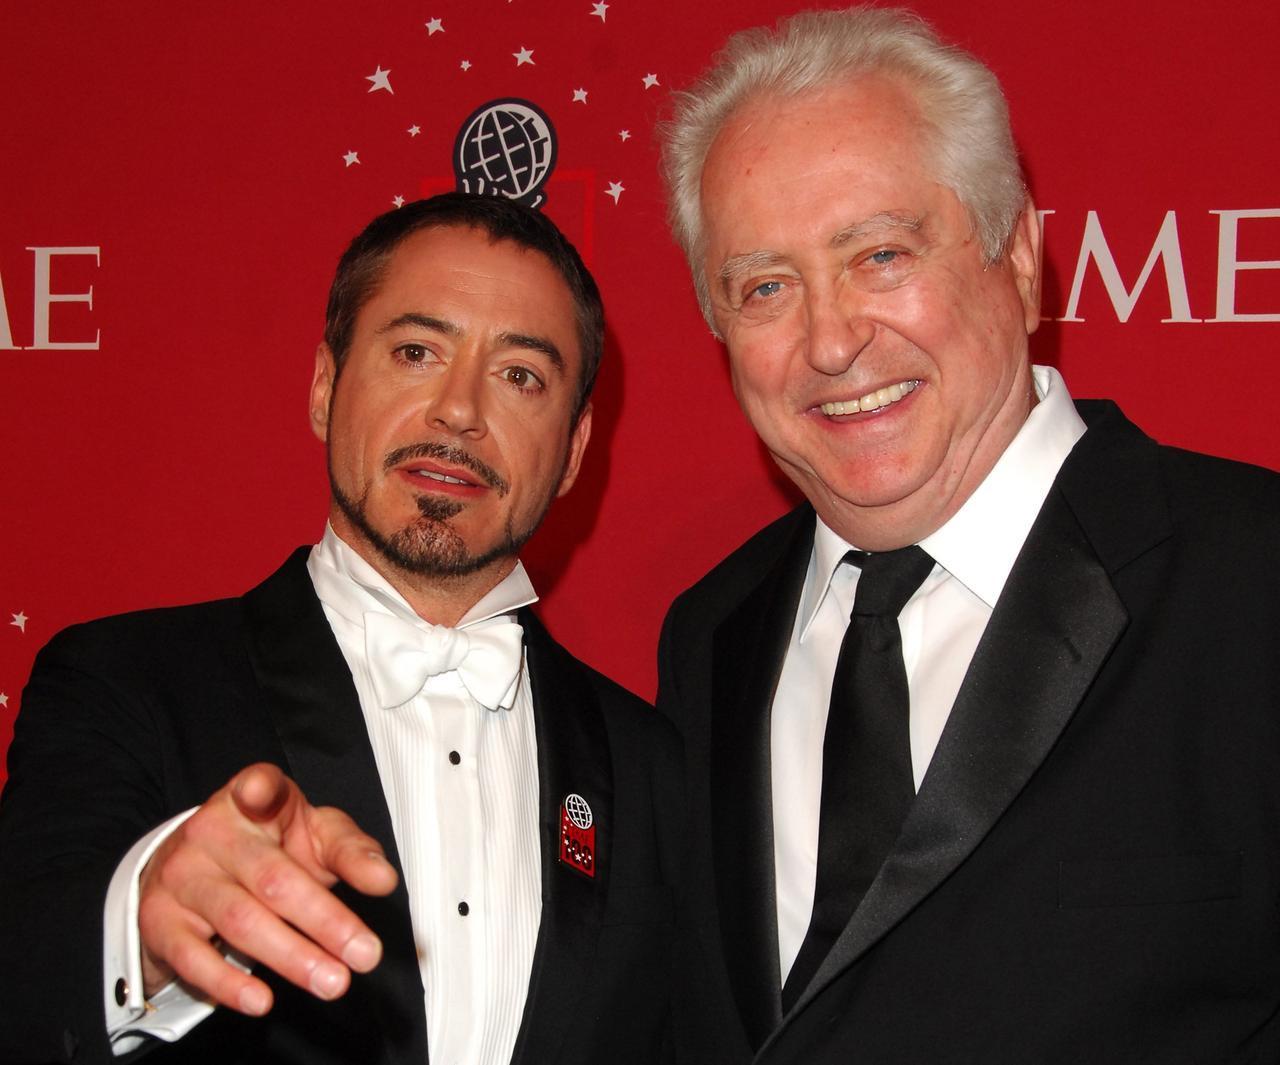 画像: 2008年にTime誌の世界で最も影響力のある人に選ばれたロバート。式典に父を同伴した。